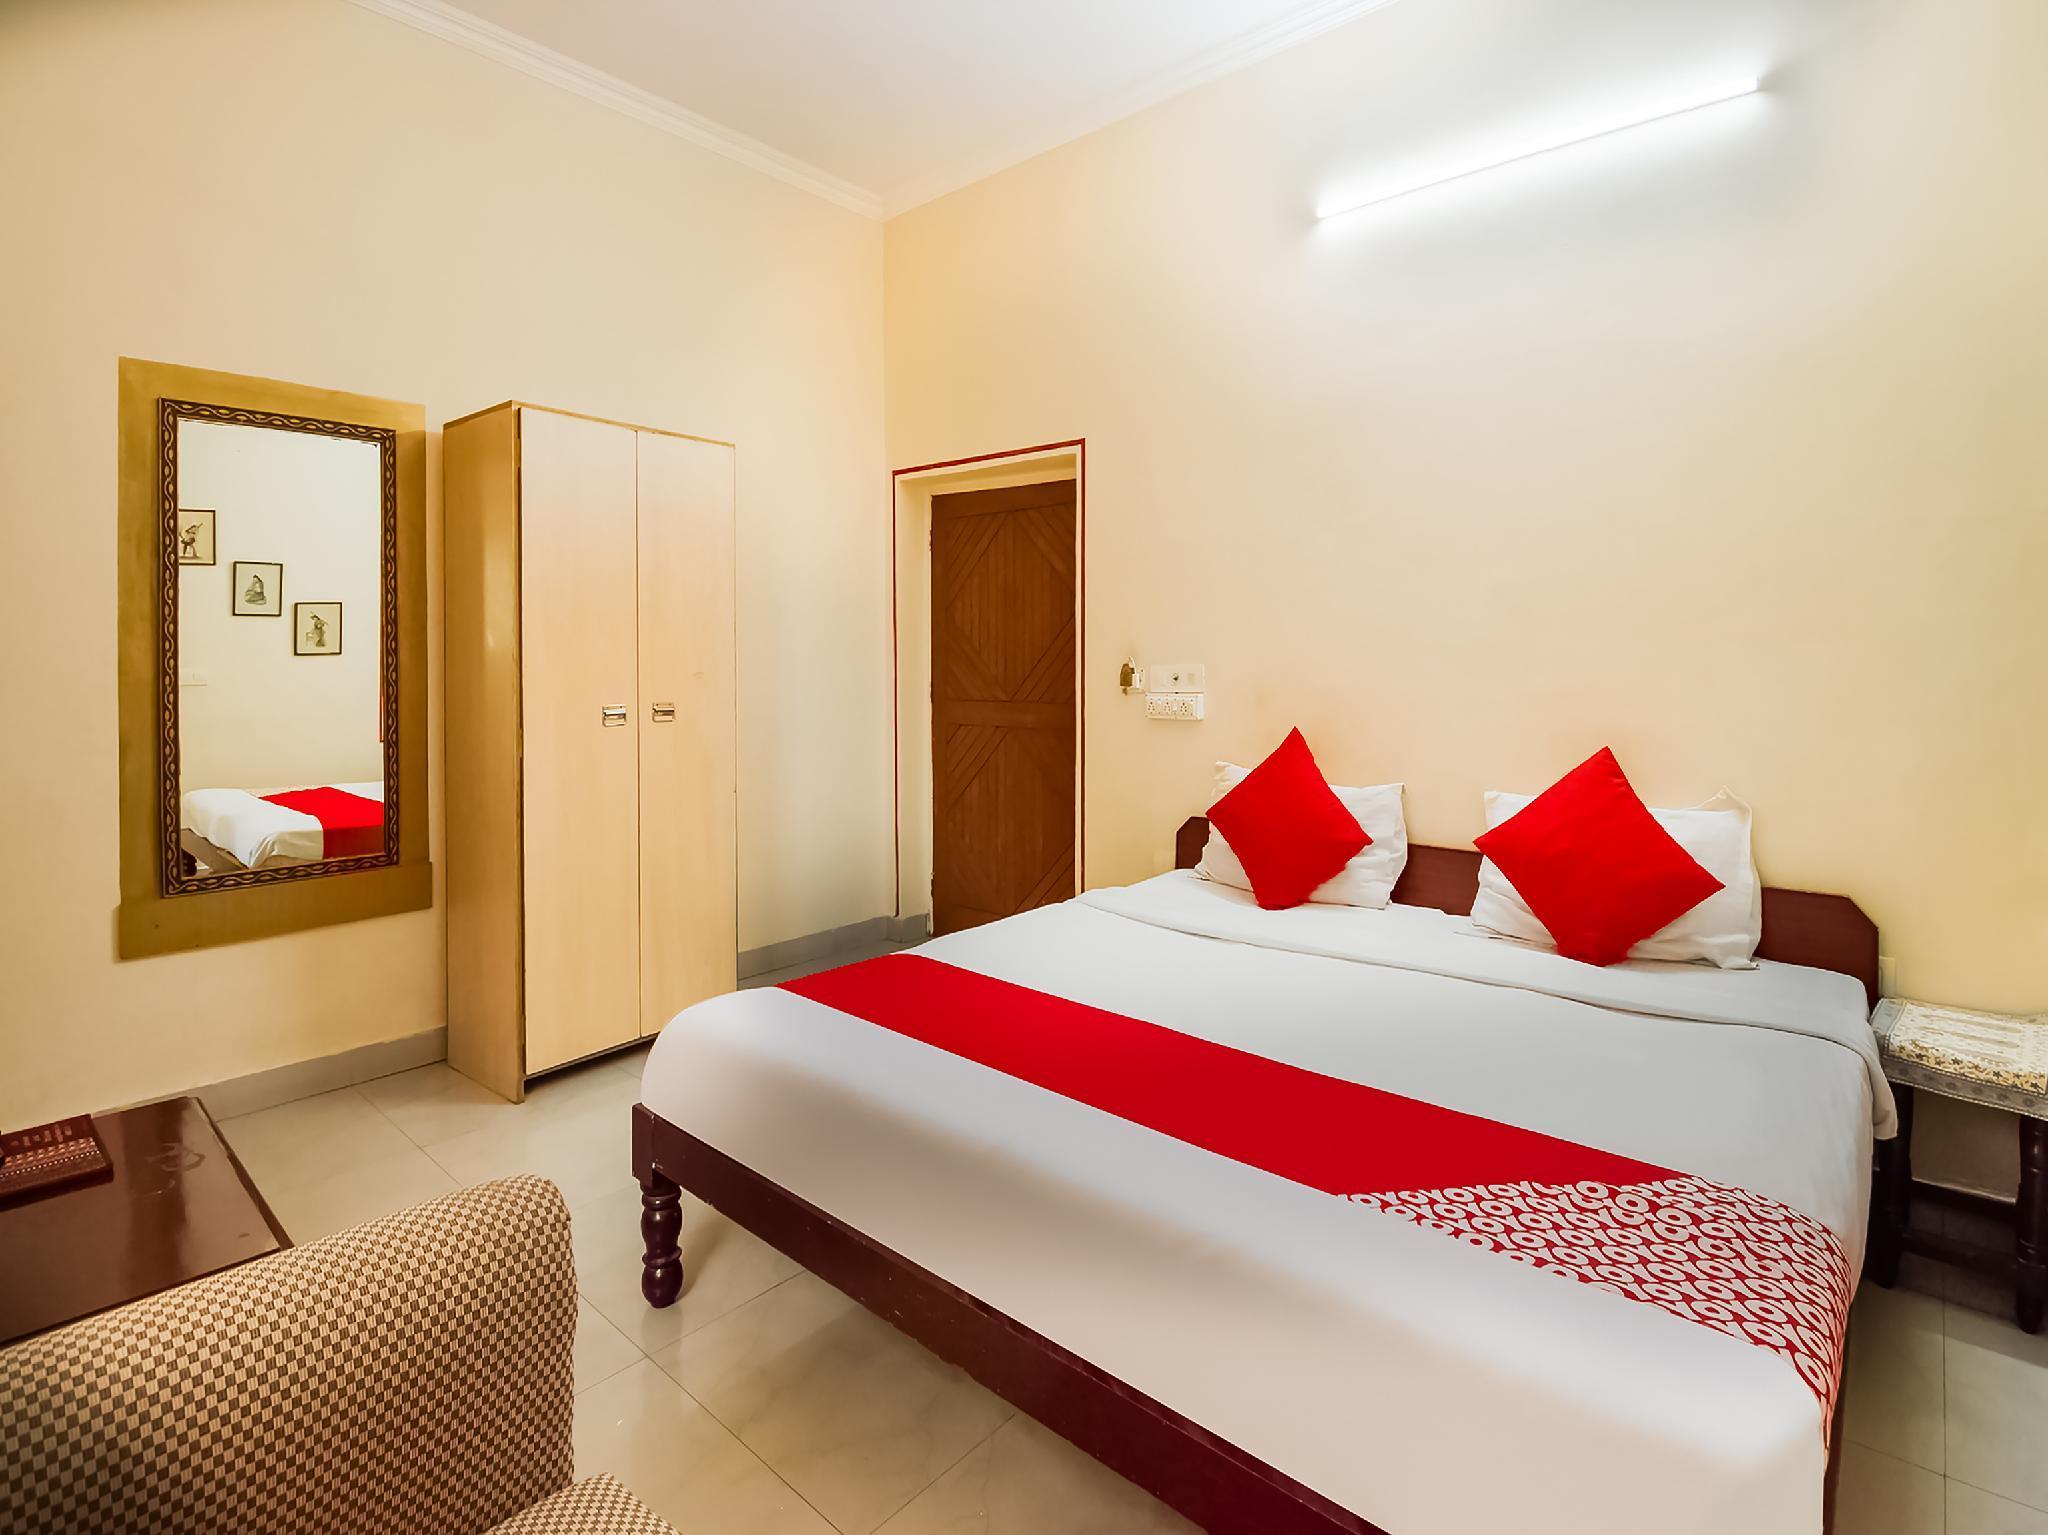 OYO 14069 Jaipur House